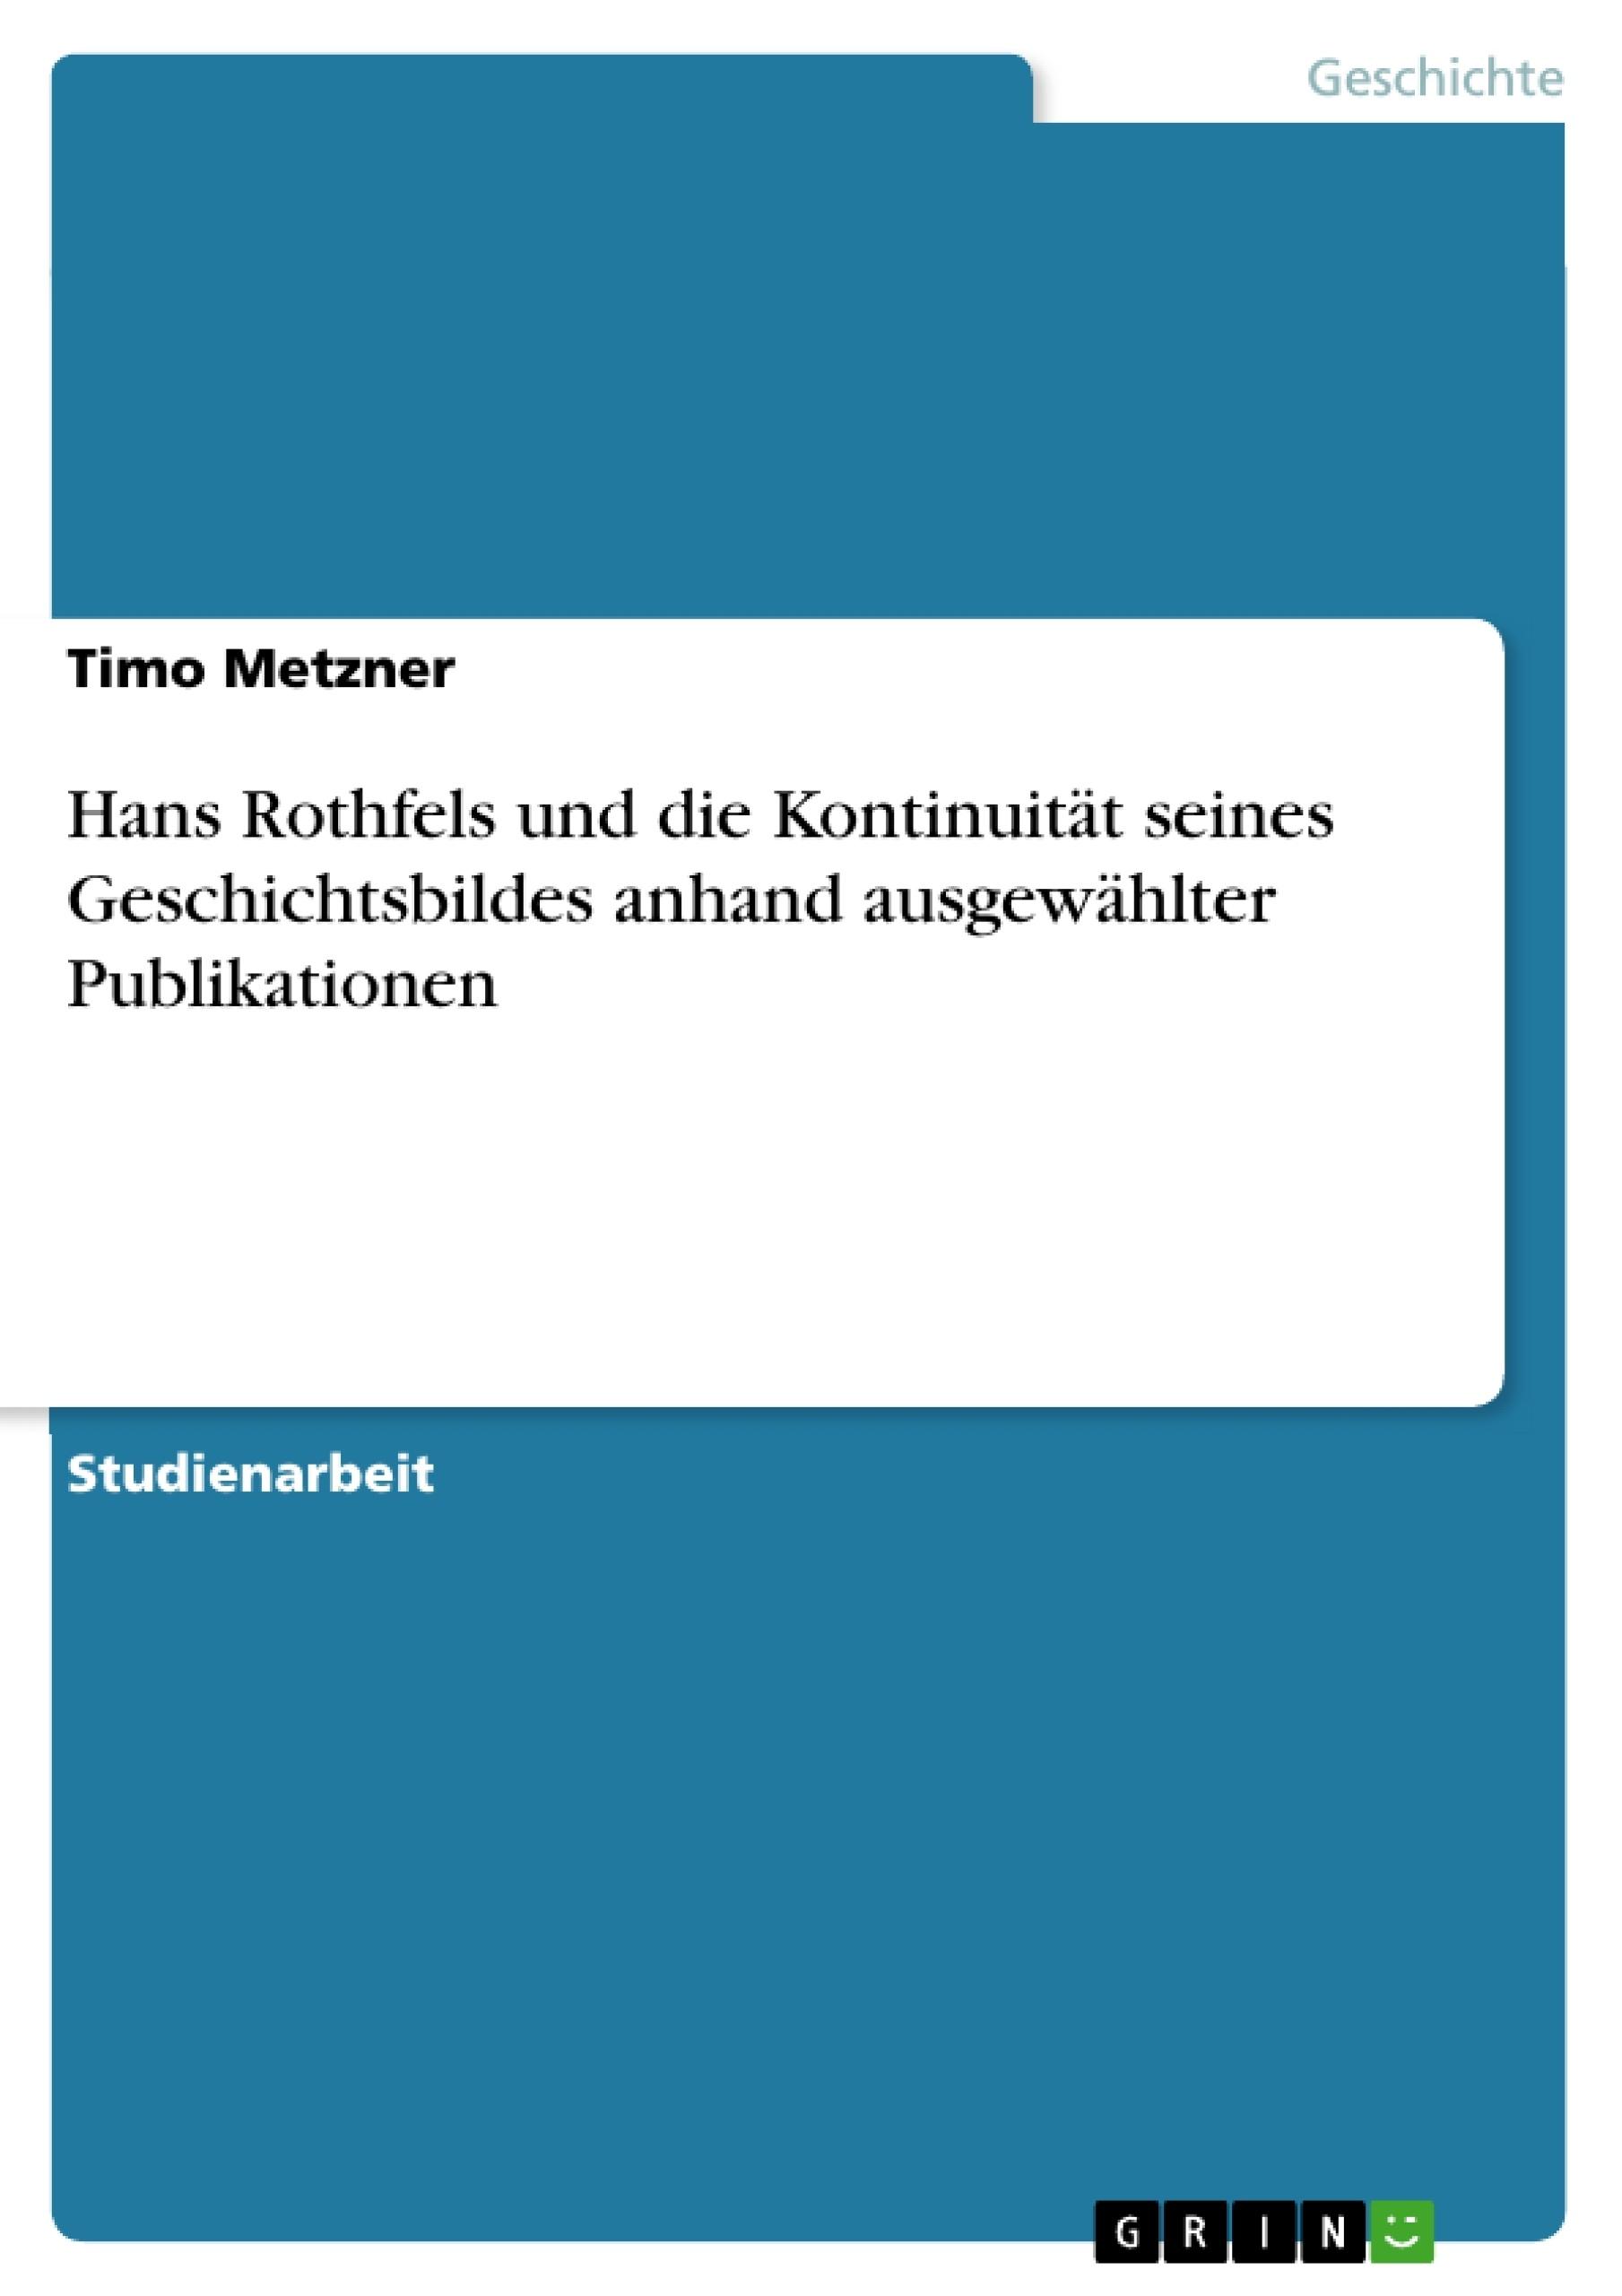 Titel: Hans Rothfels und die Kontinuität seines Geschichtsbildes anhand ausgewählter Publikationen